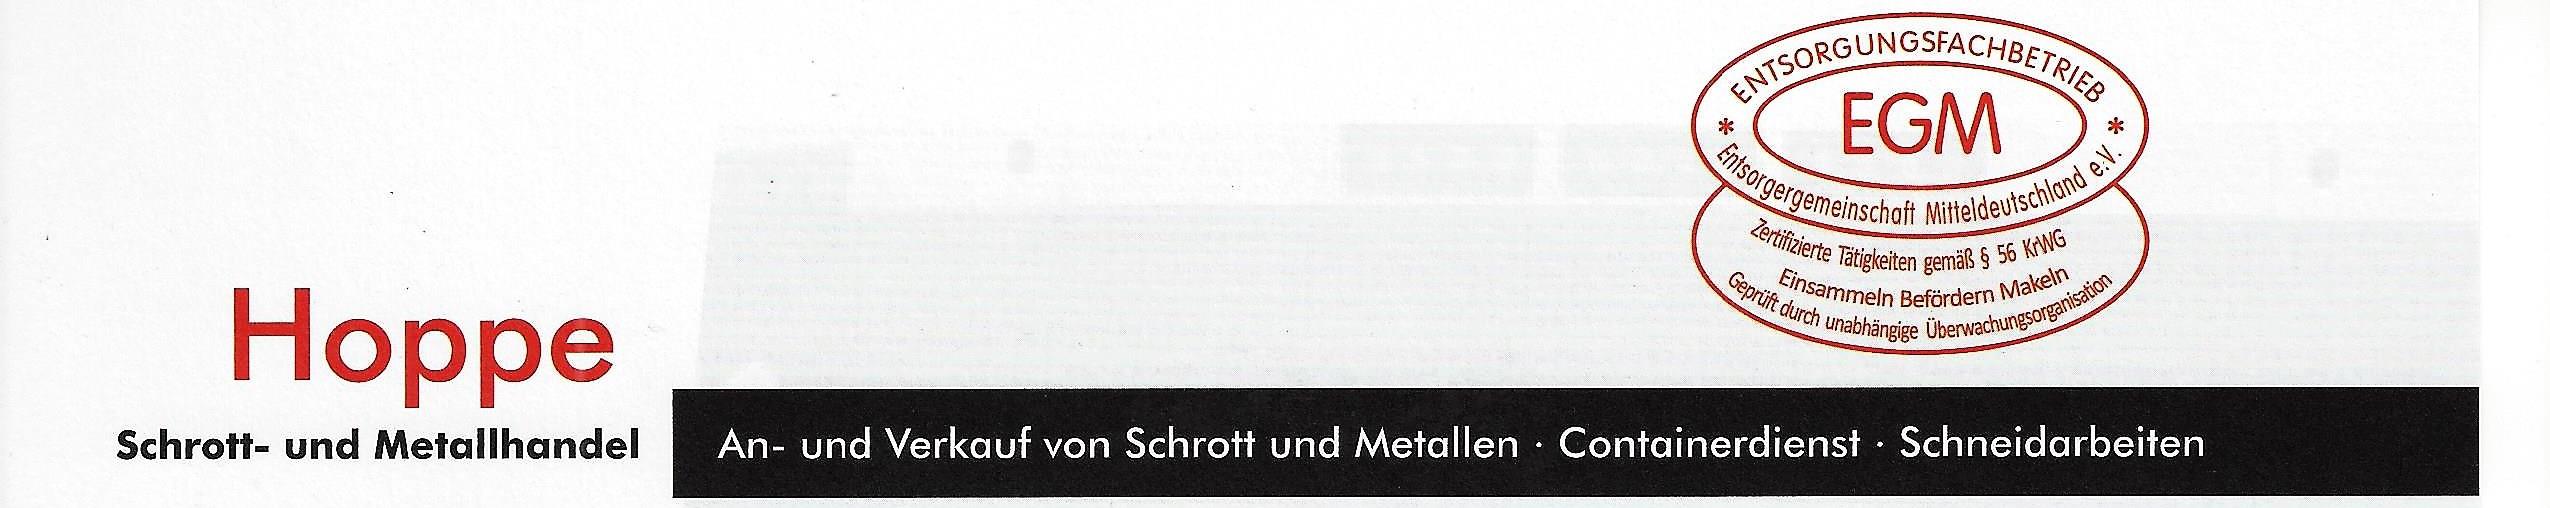 Hoppe Schrott und Metallhandel Containerdienst